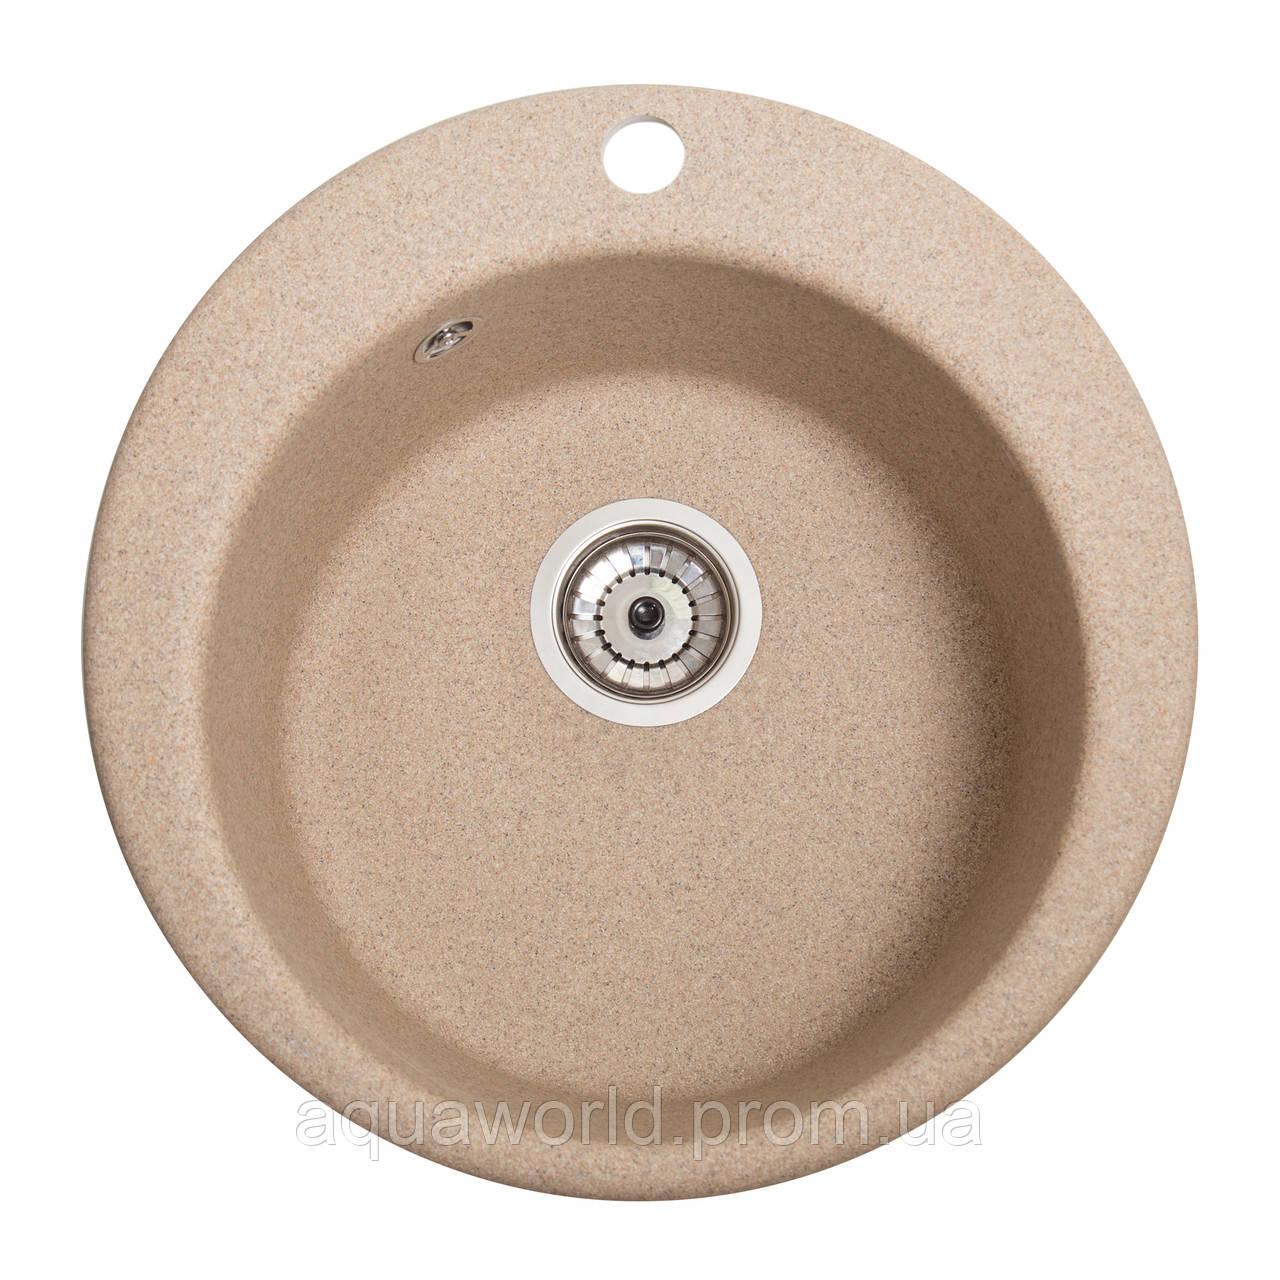 Мойка для кухни из камня Solid Pony Песок